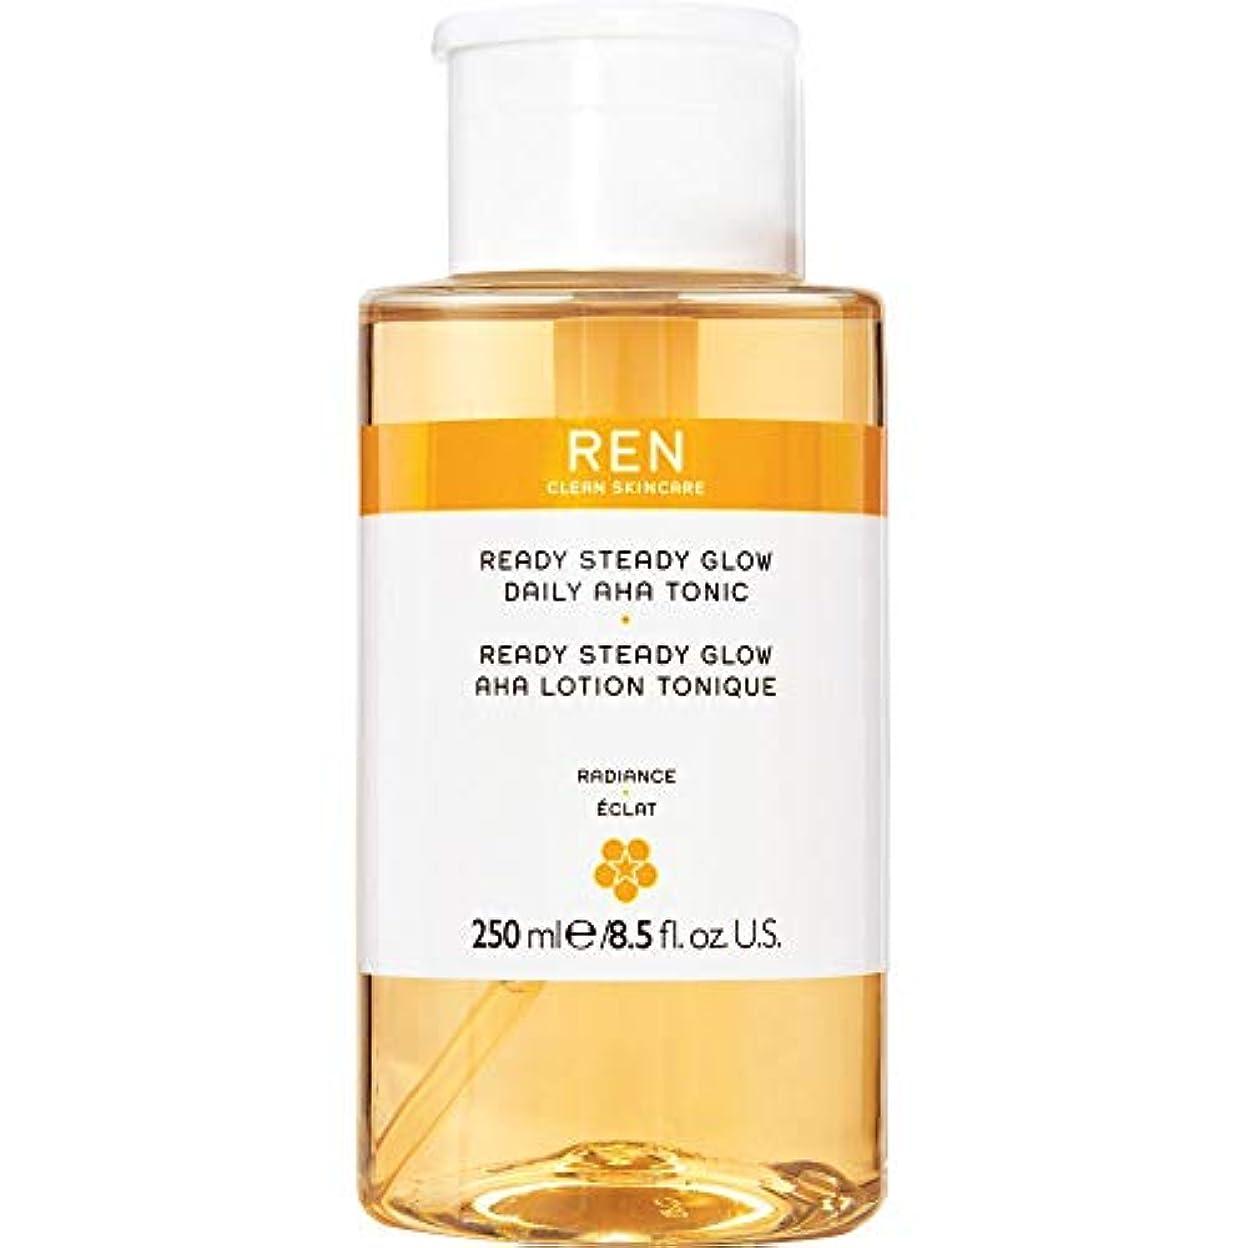 スティック香り正当な[REN] 準備ができて安定したグロー毎日Ahaの強壮剤の250ミリリットルをRen - REN Ready Steady Glow Daily AHA Tonic 250ml [並行輸入品]